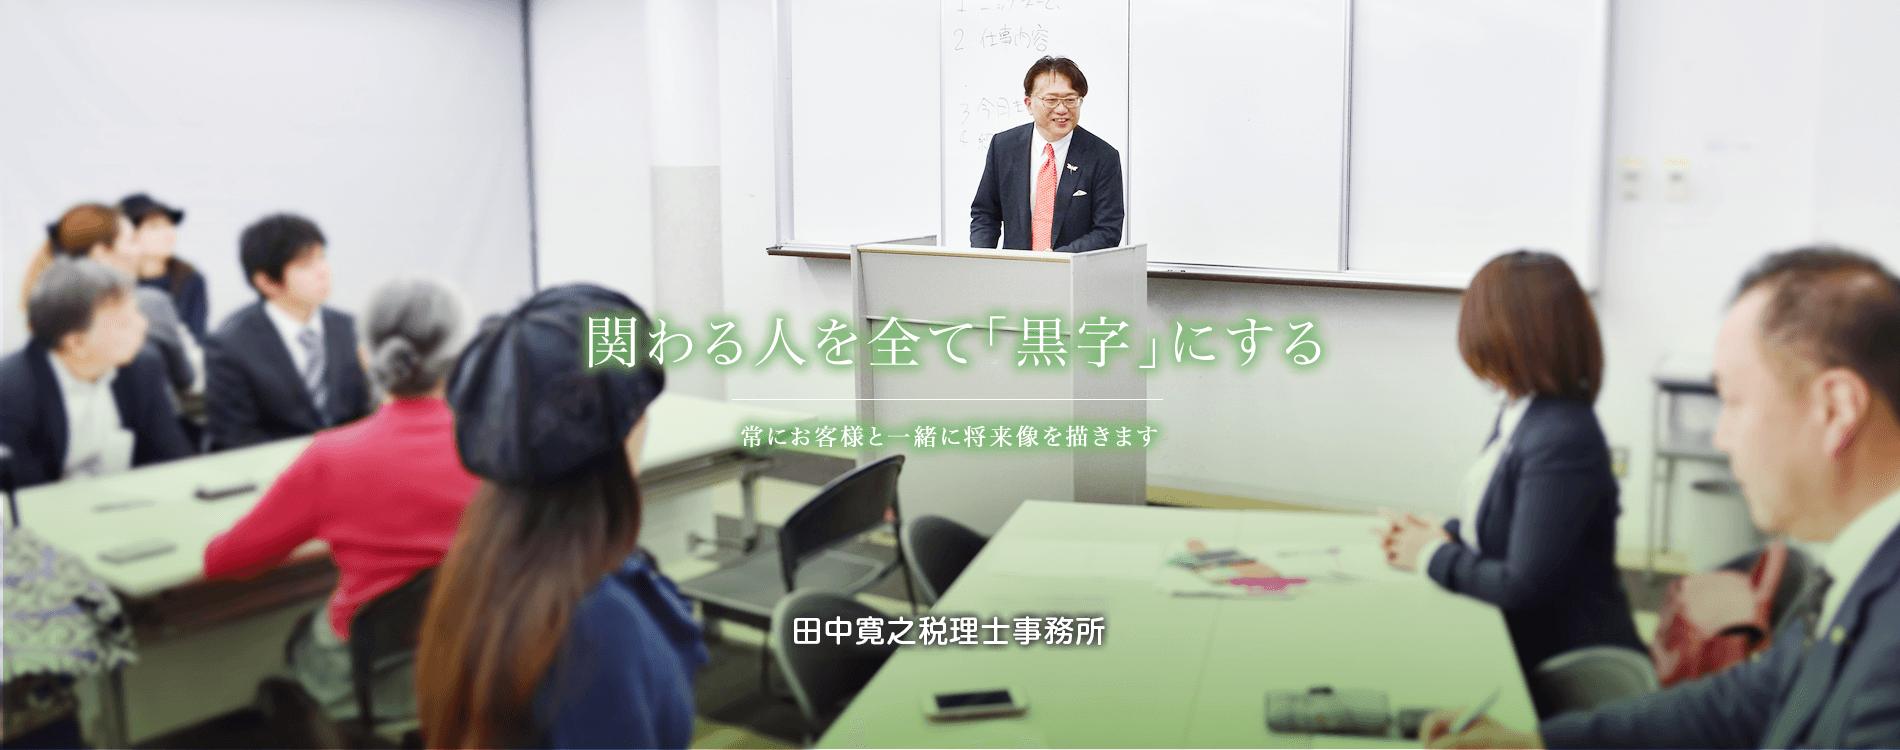 田中寛之税理士事務所